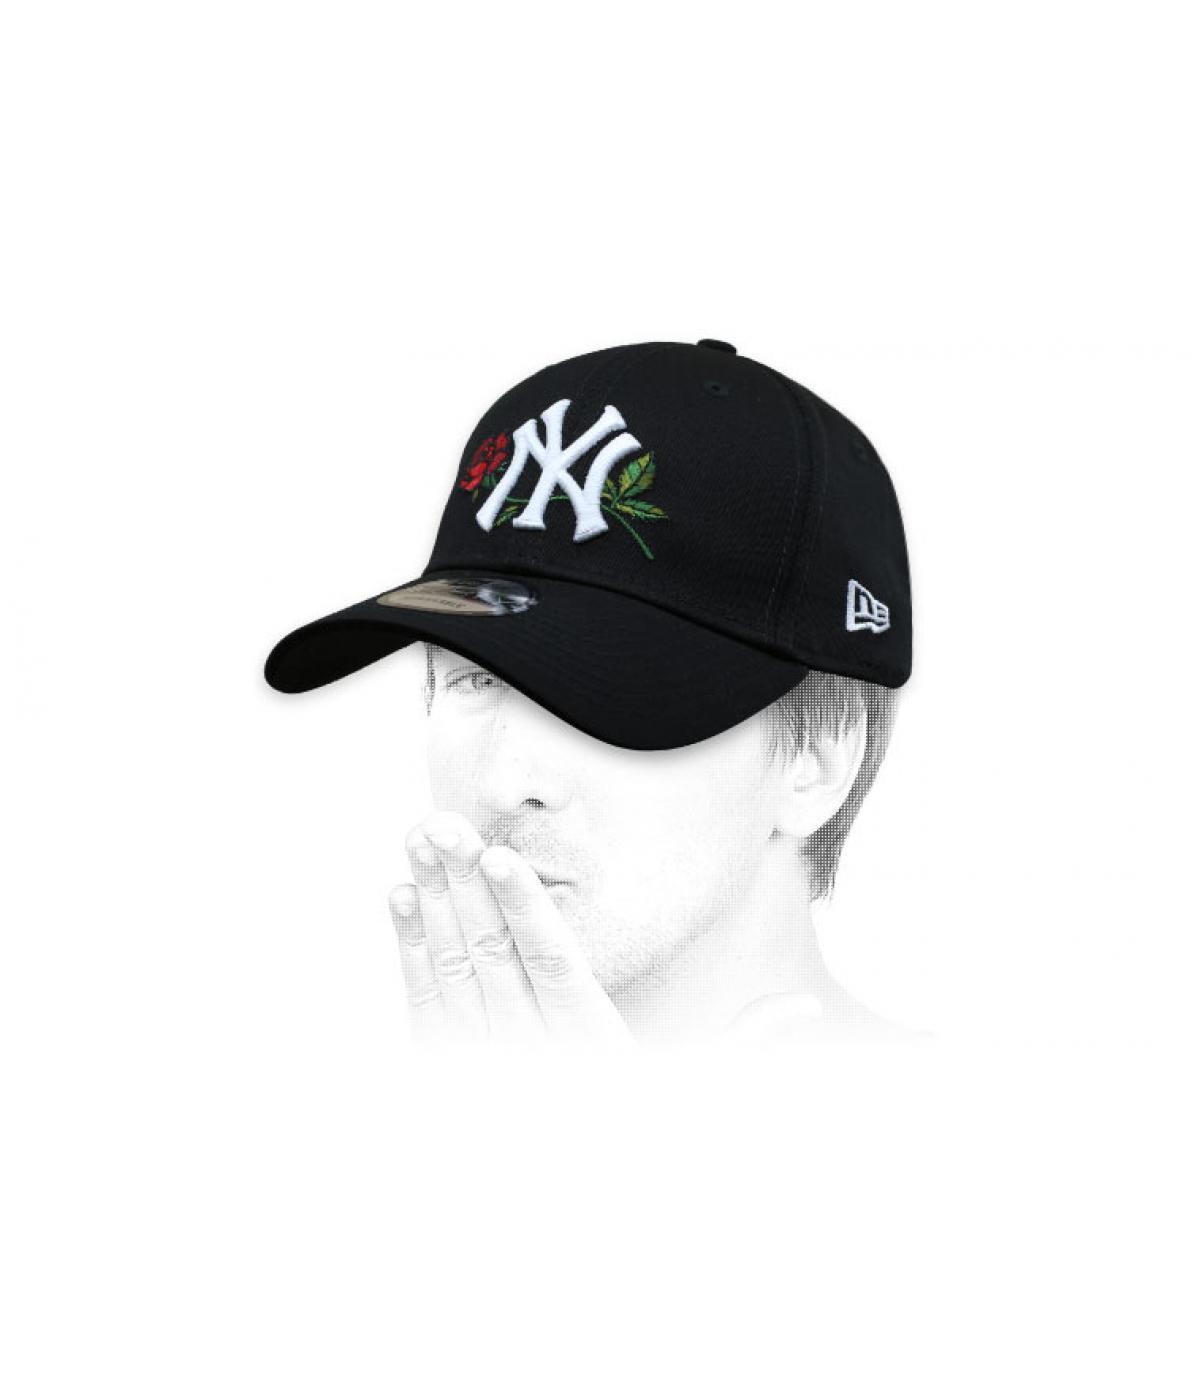 cappellino NY nero rosa